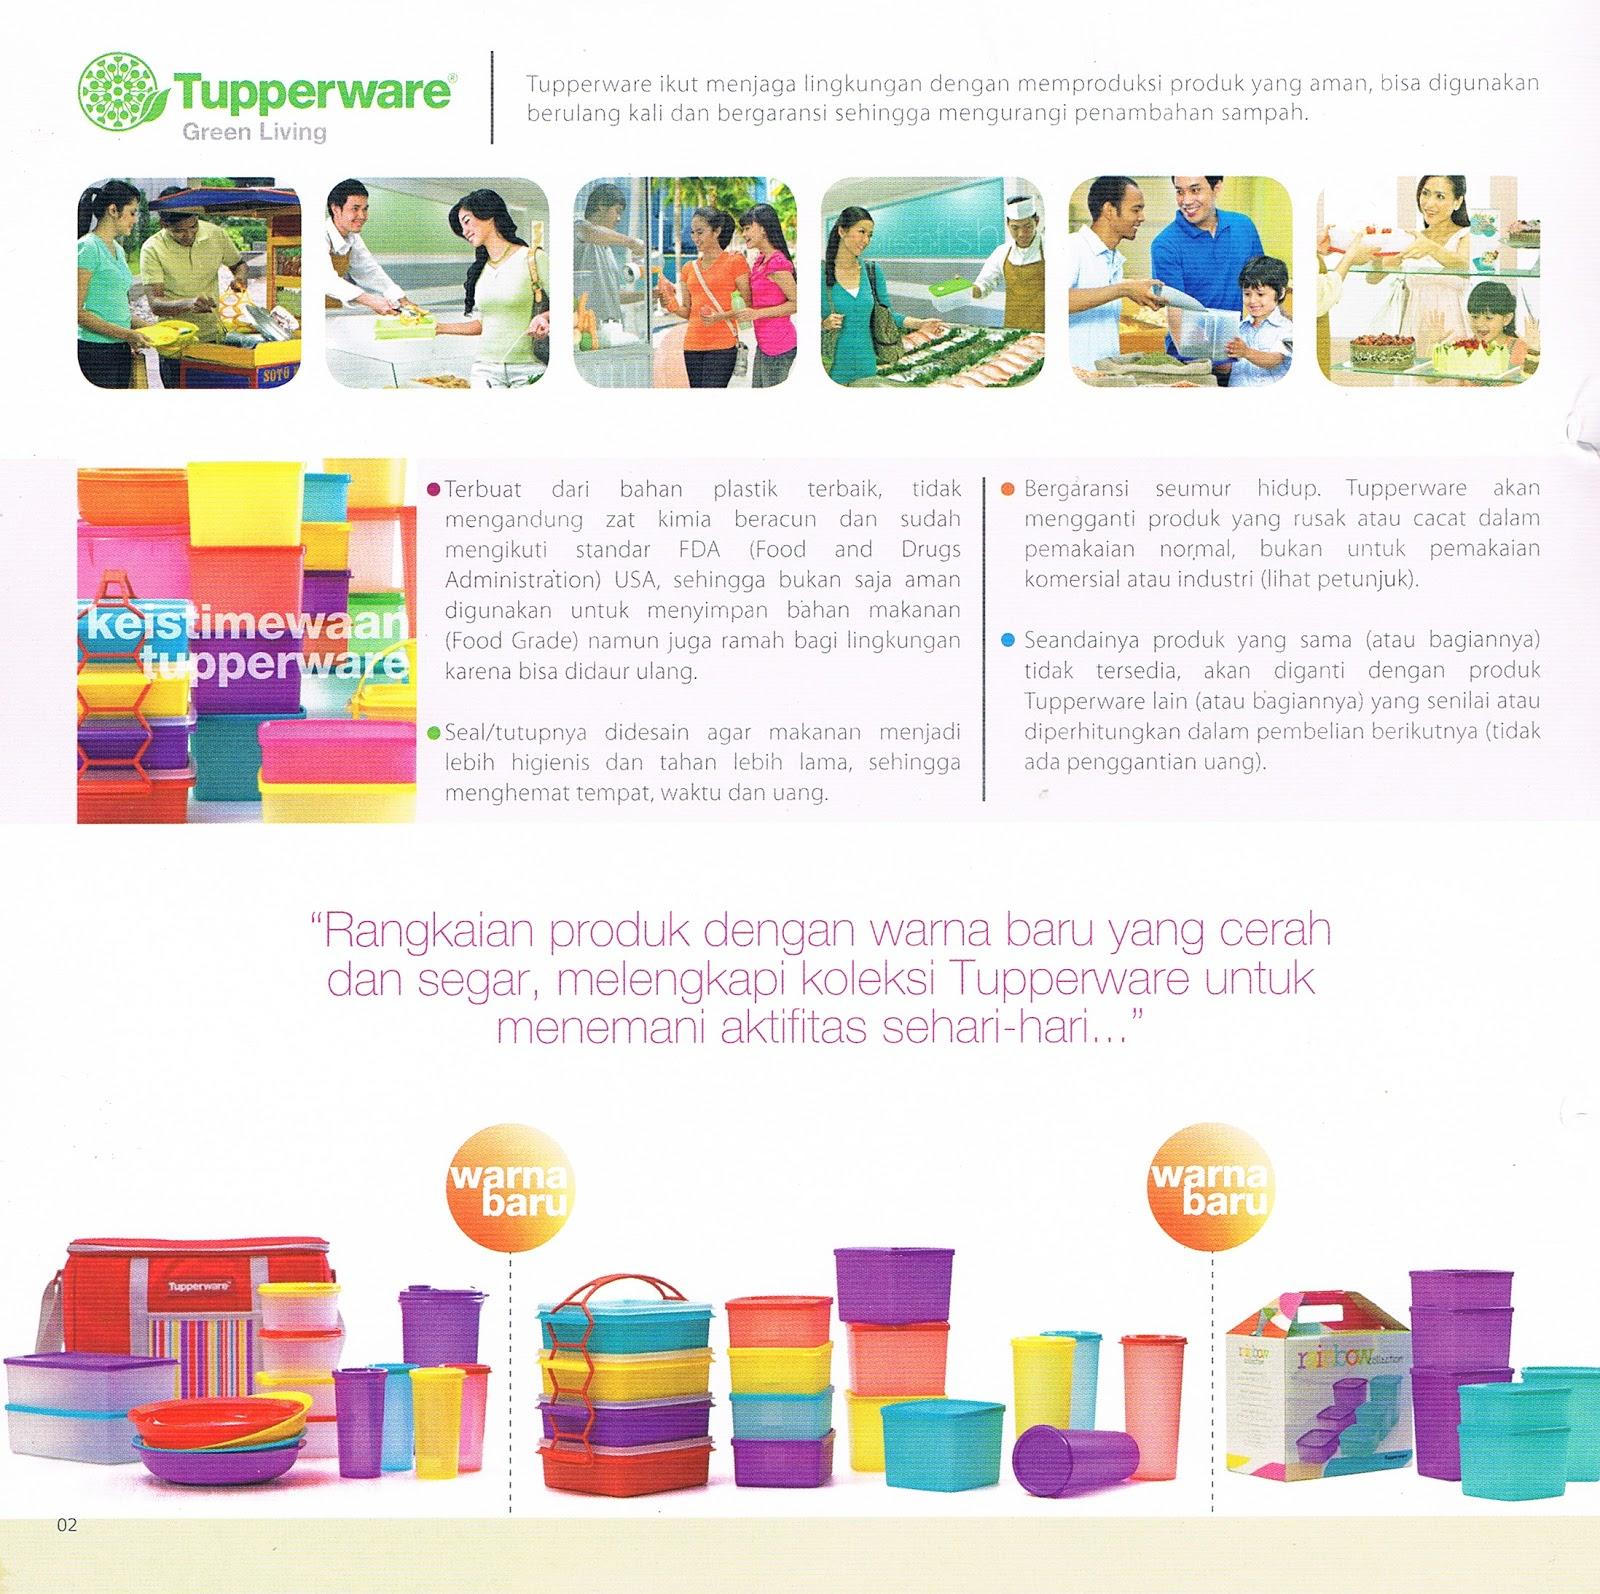 Katalog Reguler Terbaru Tupperware Edisi November 2012 ...